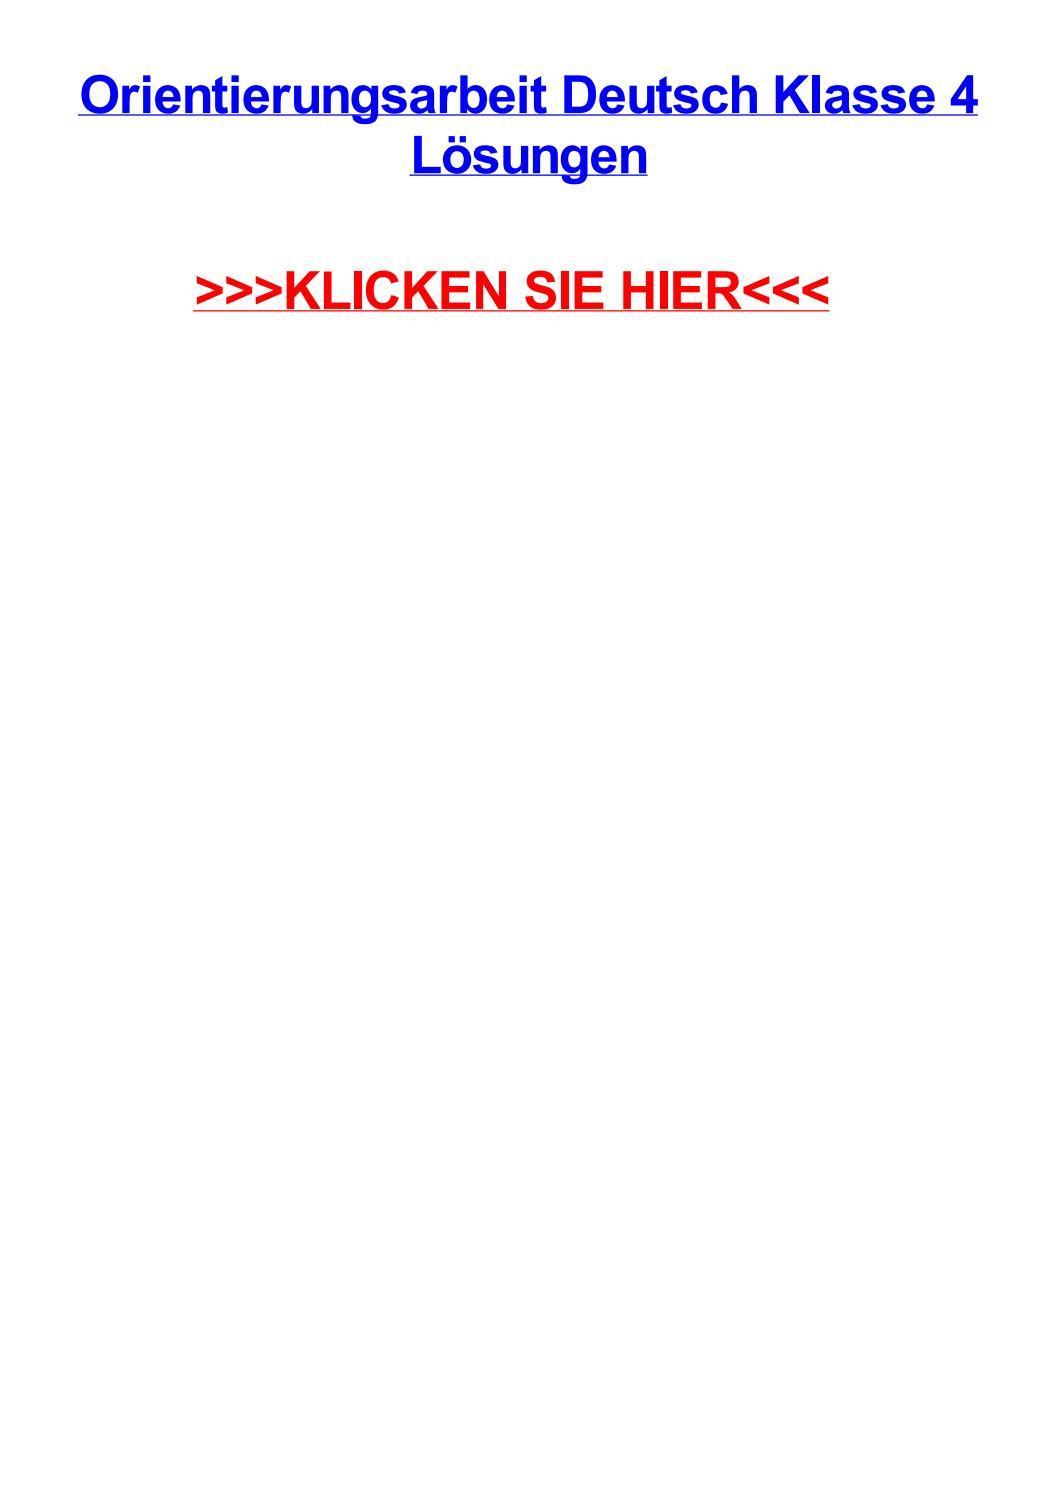 Orientierungsarbeit Deutsch Klasse 4 Lsungen By verwandt mit Orientierungsarbeiten 2 Klasse Bayern